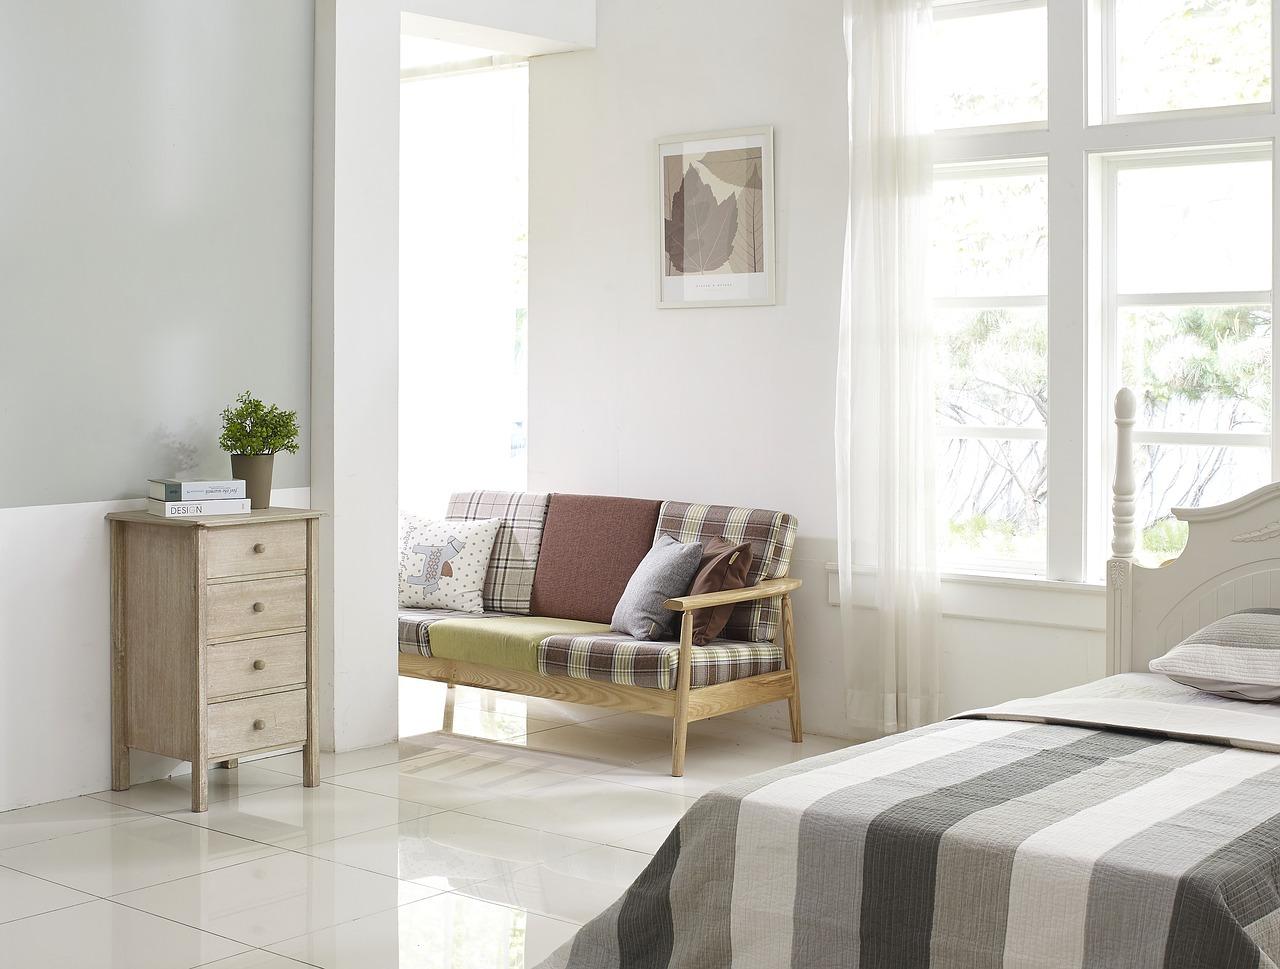 Parete Grigia Camera Da Letto scegliere i colori giusti per le pareti della camera da letto